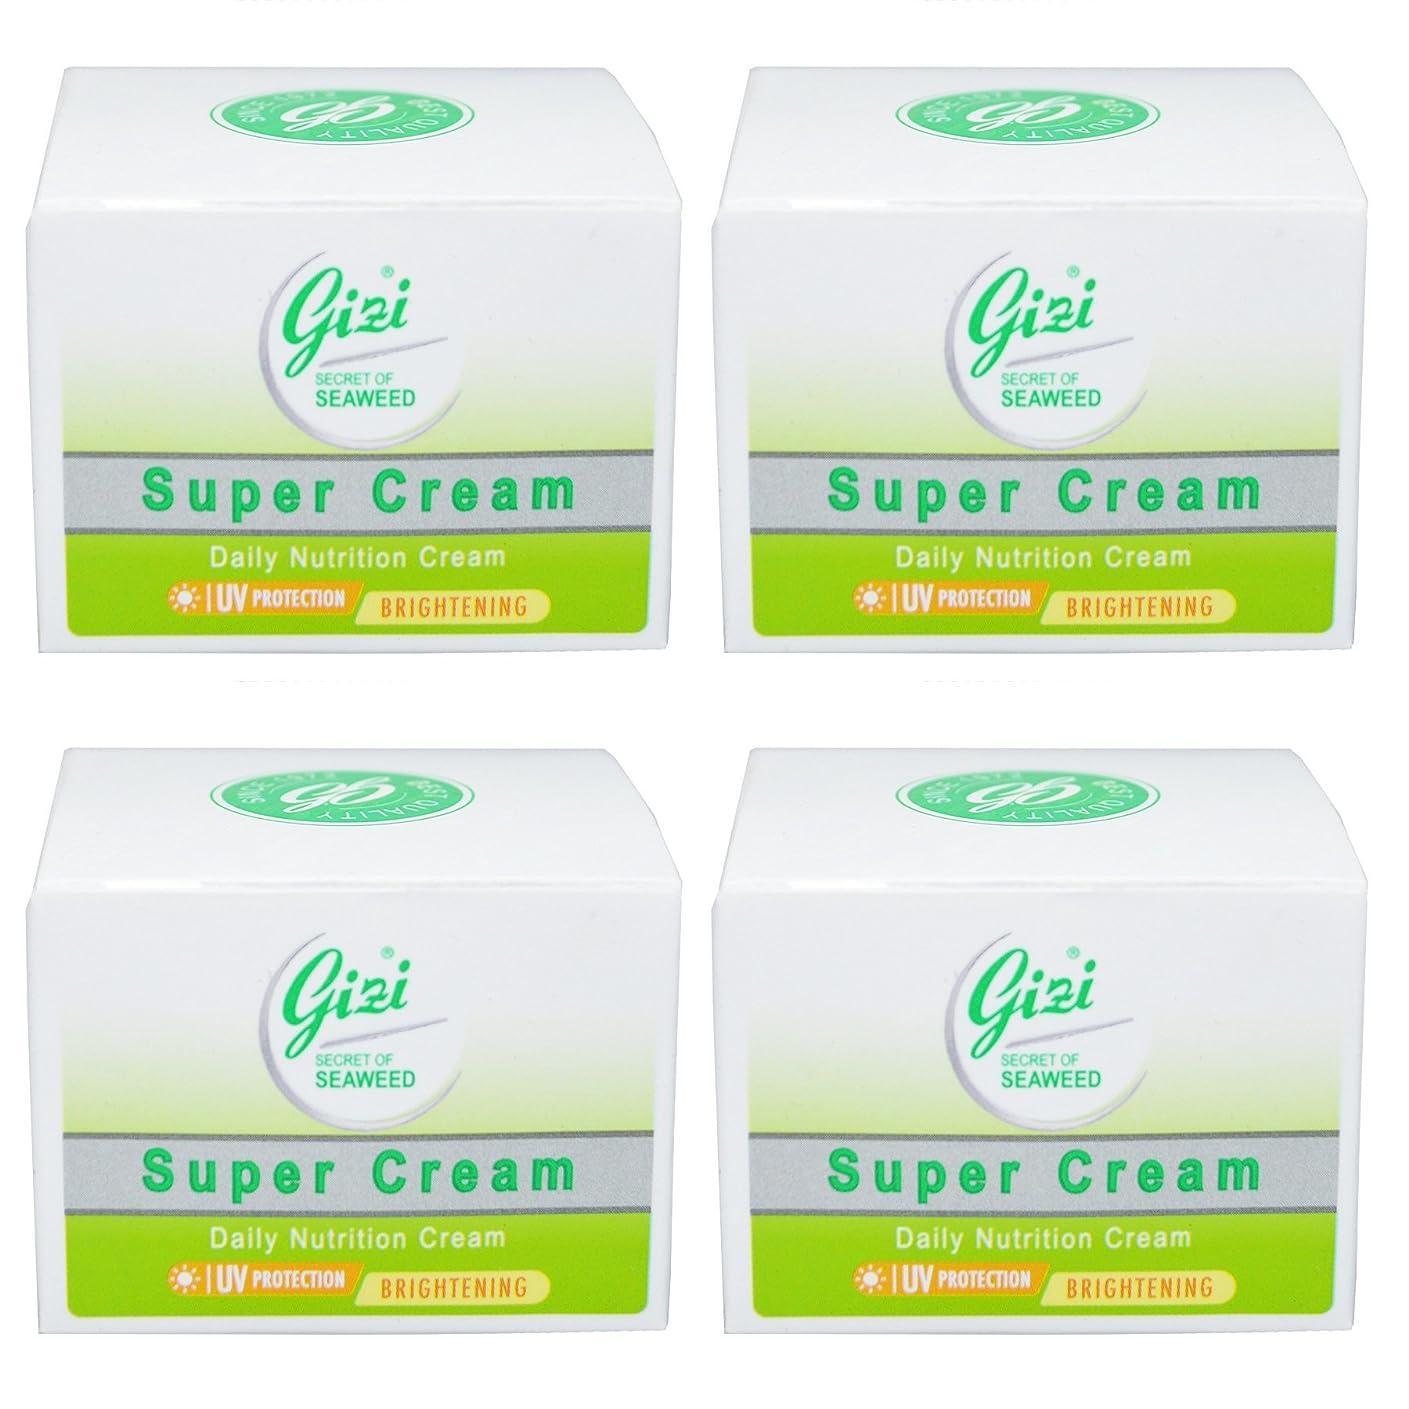 寛解パパ大陸GIZI Super Cream(ギジ スーパークリーム)フェイスクリーム9g 4個セット[並行輸入品][海外直送品]